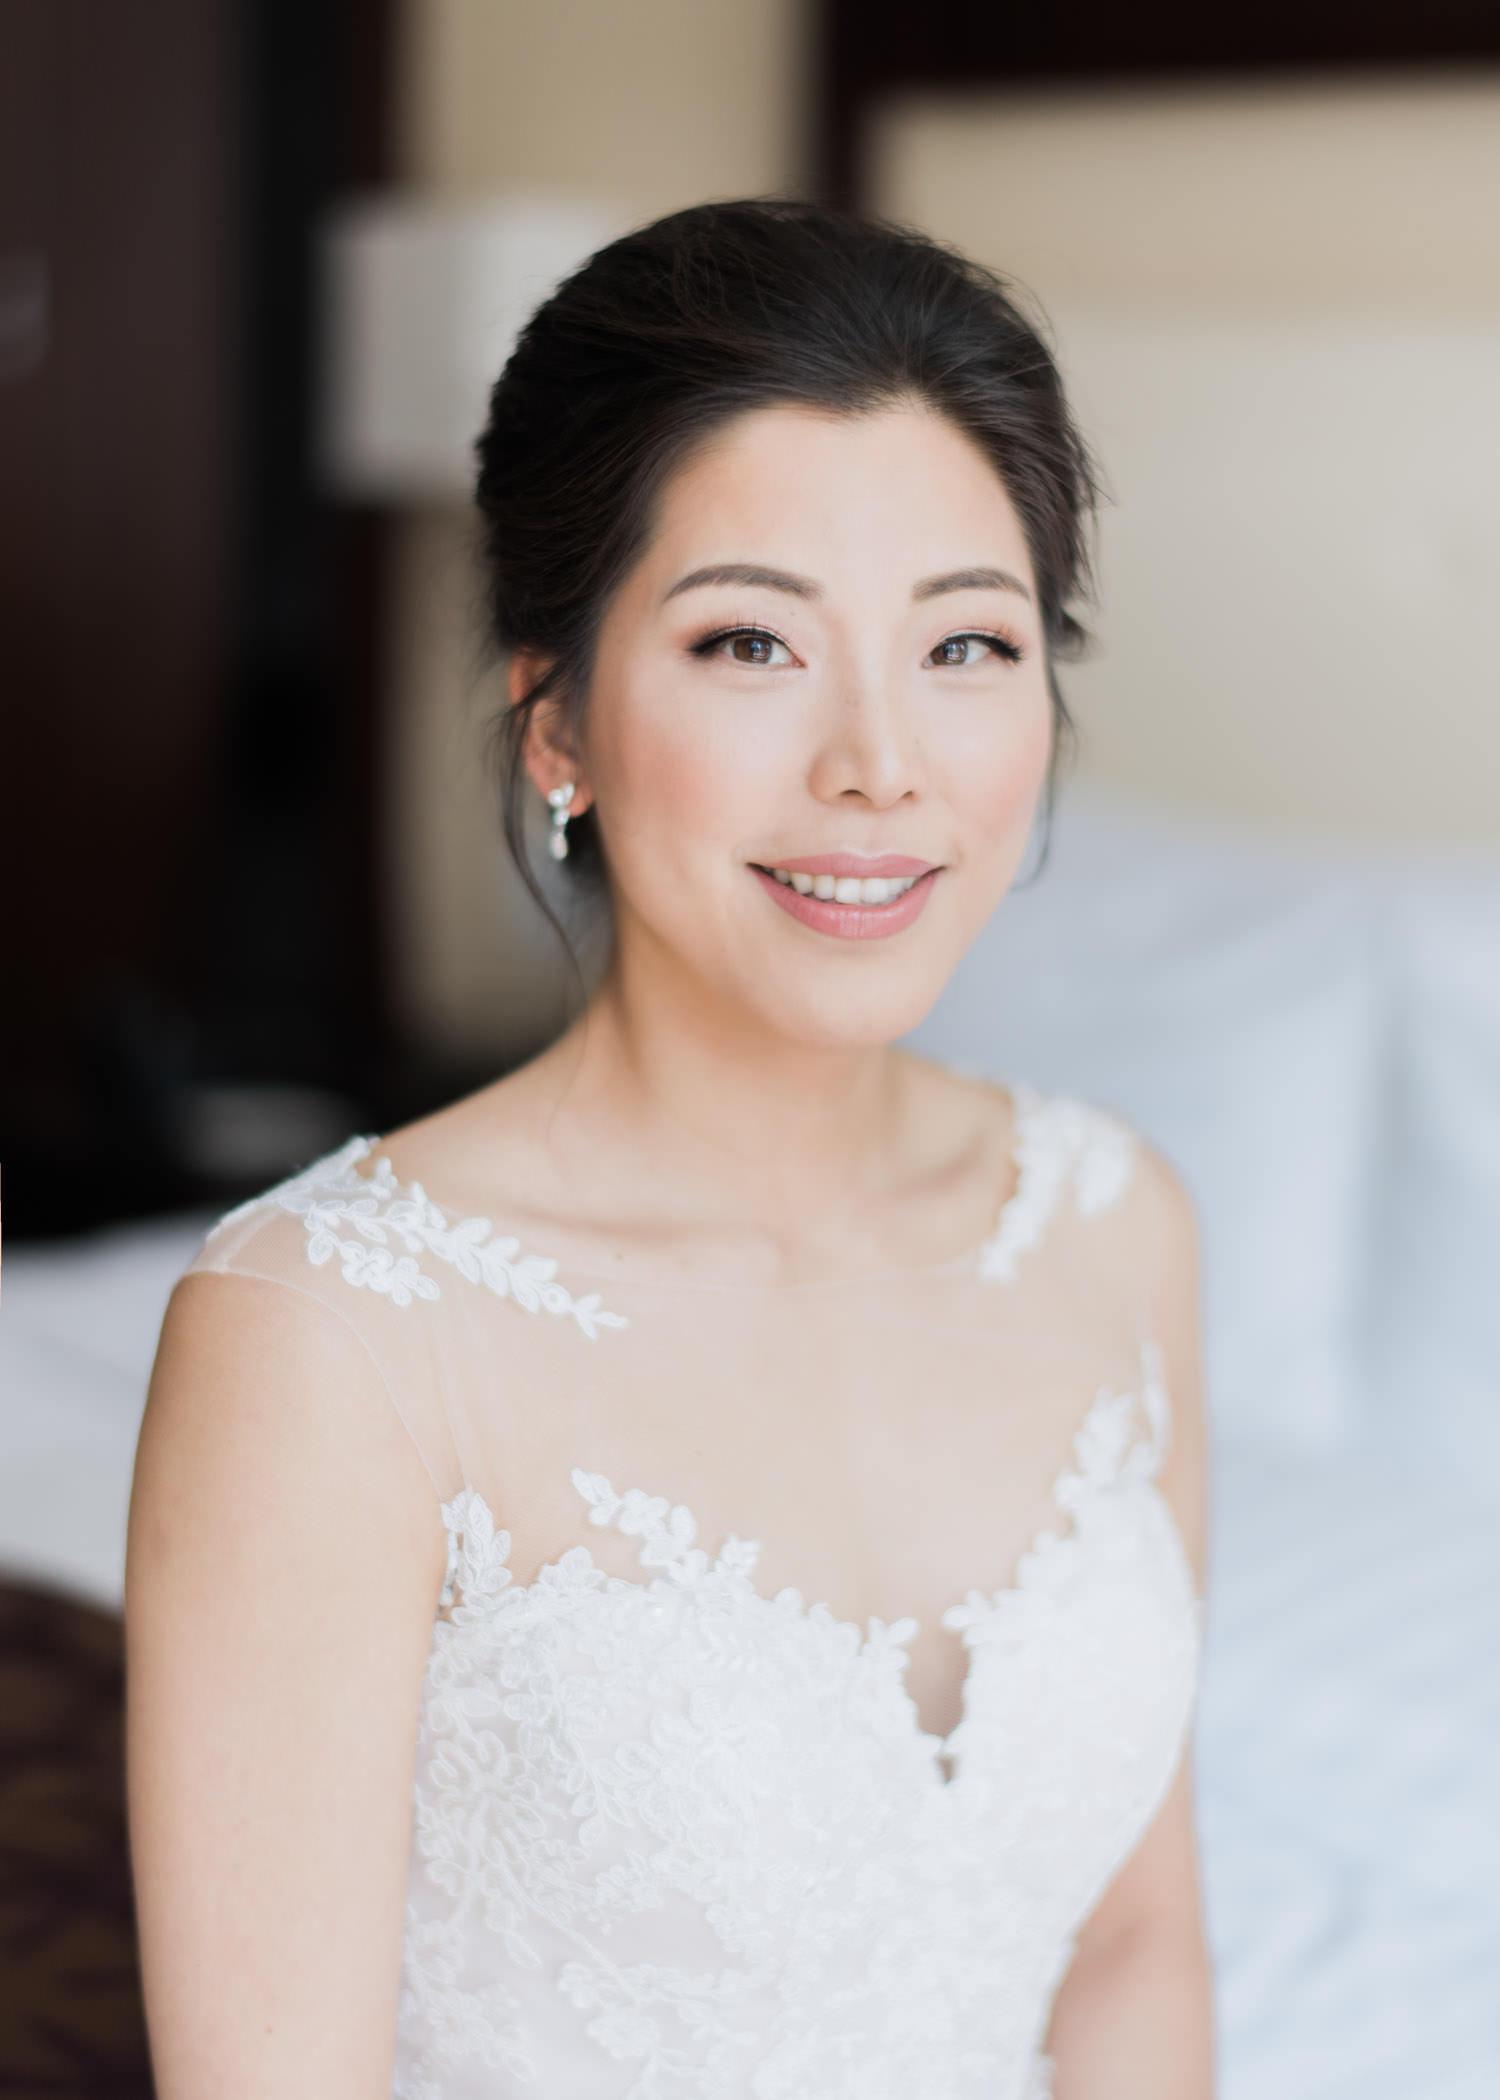 Portrait of bride at Shangri-La Hotel in Toronto